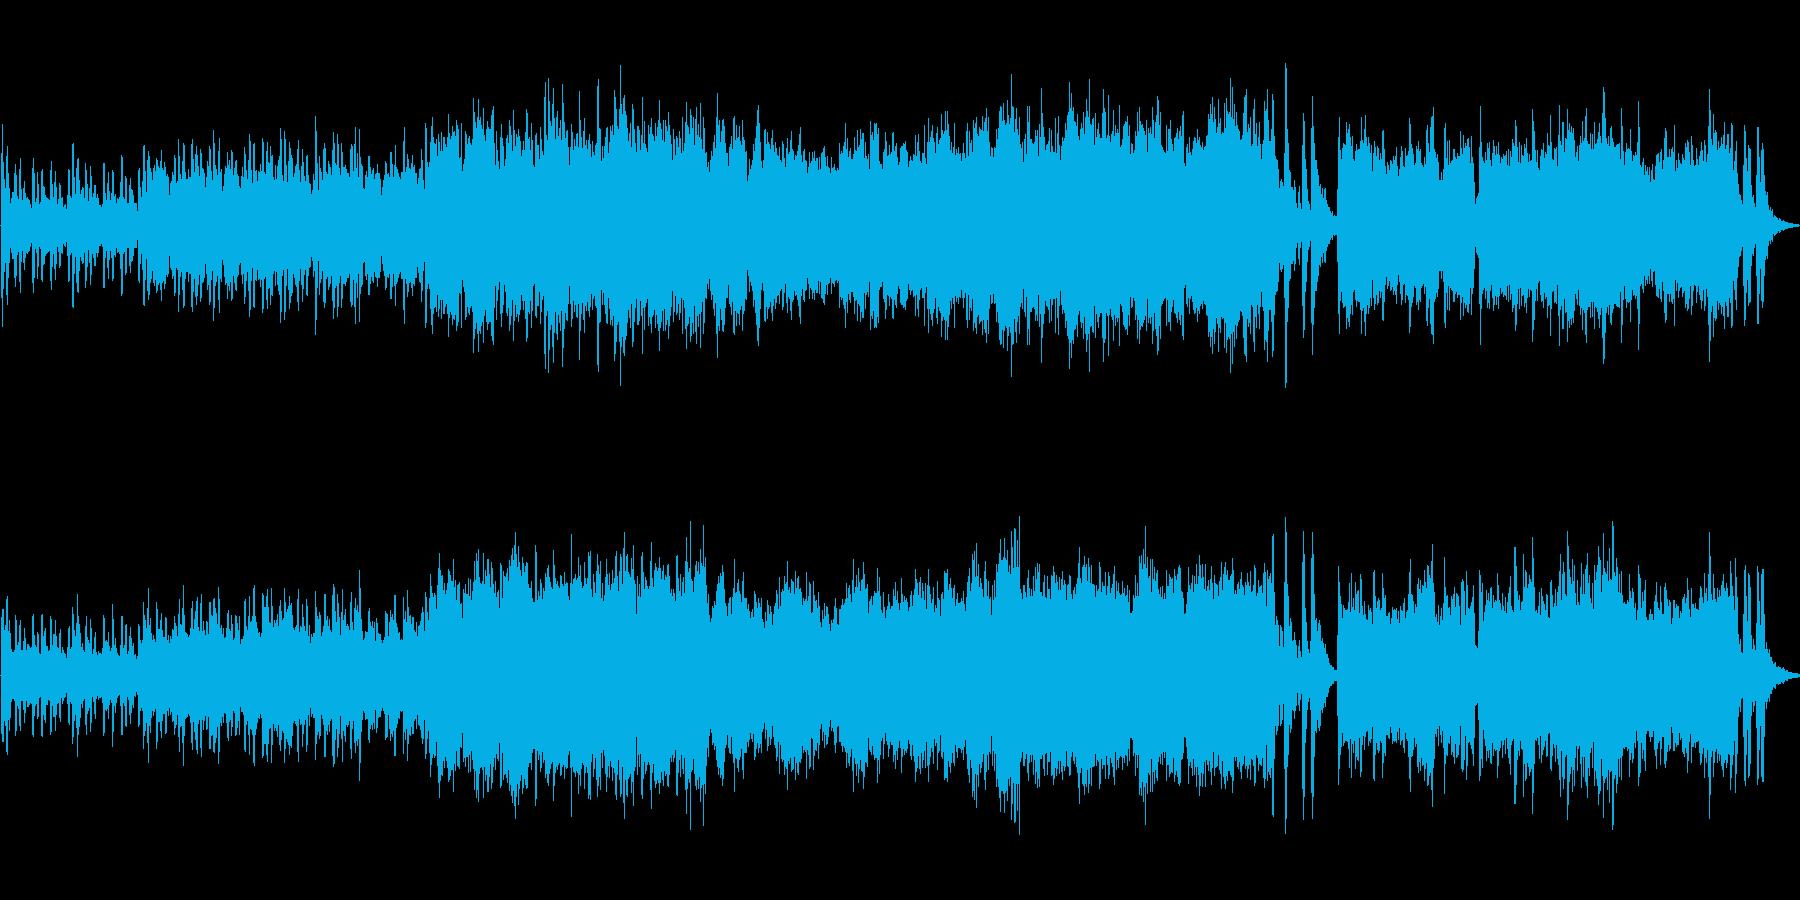 挫折感オーケストラ戦闘試練の再生済みの波形